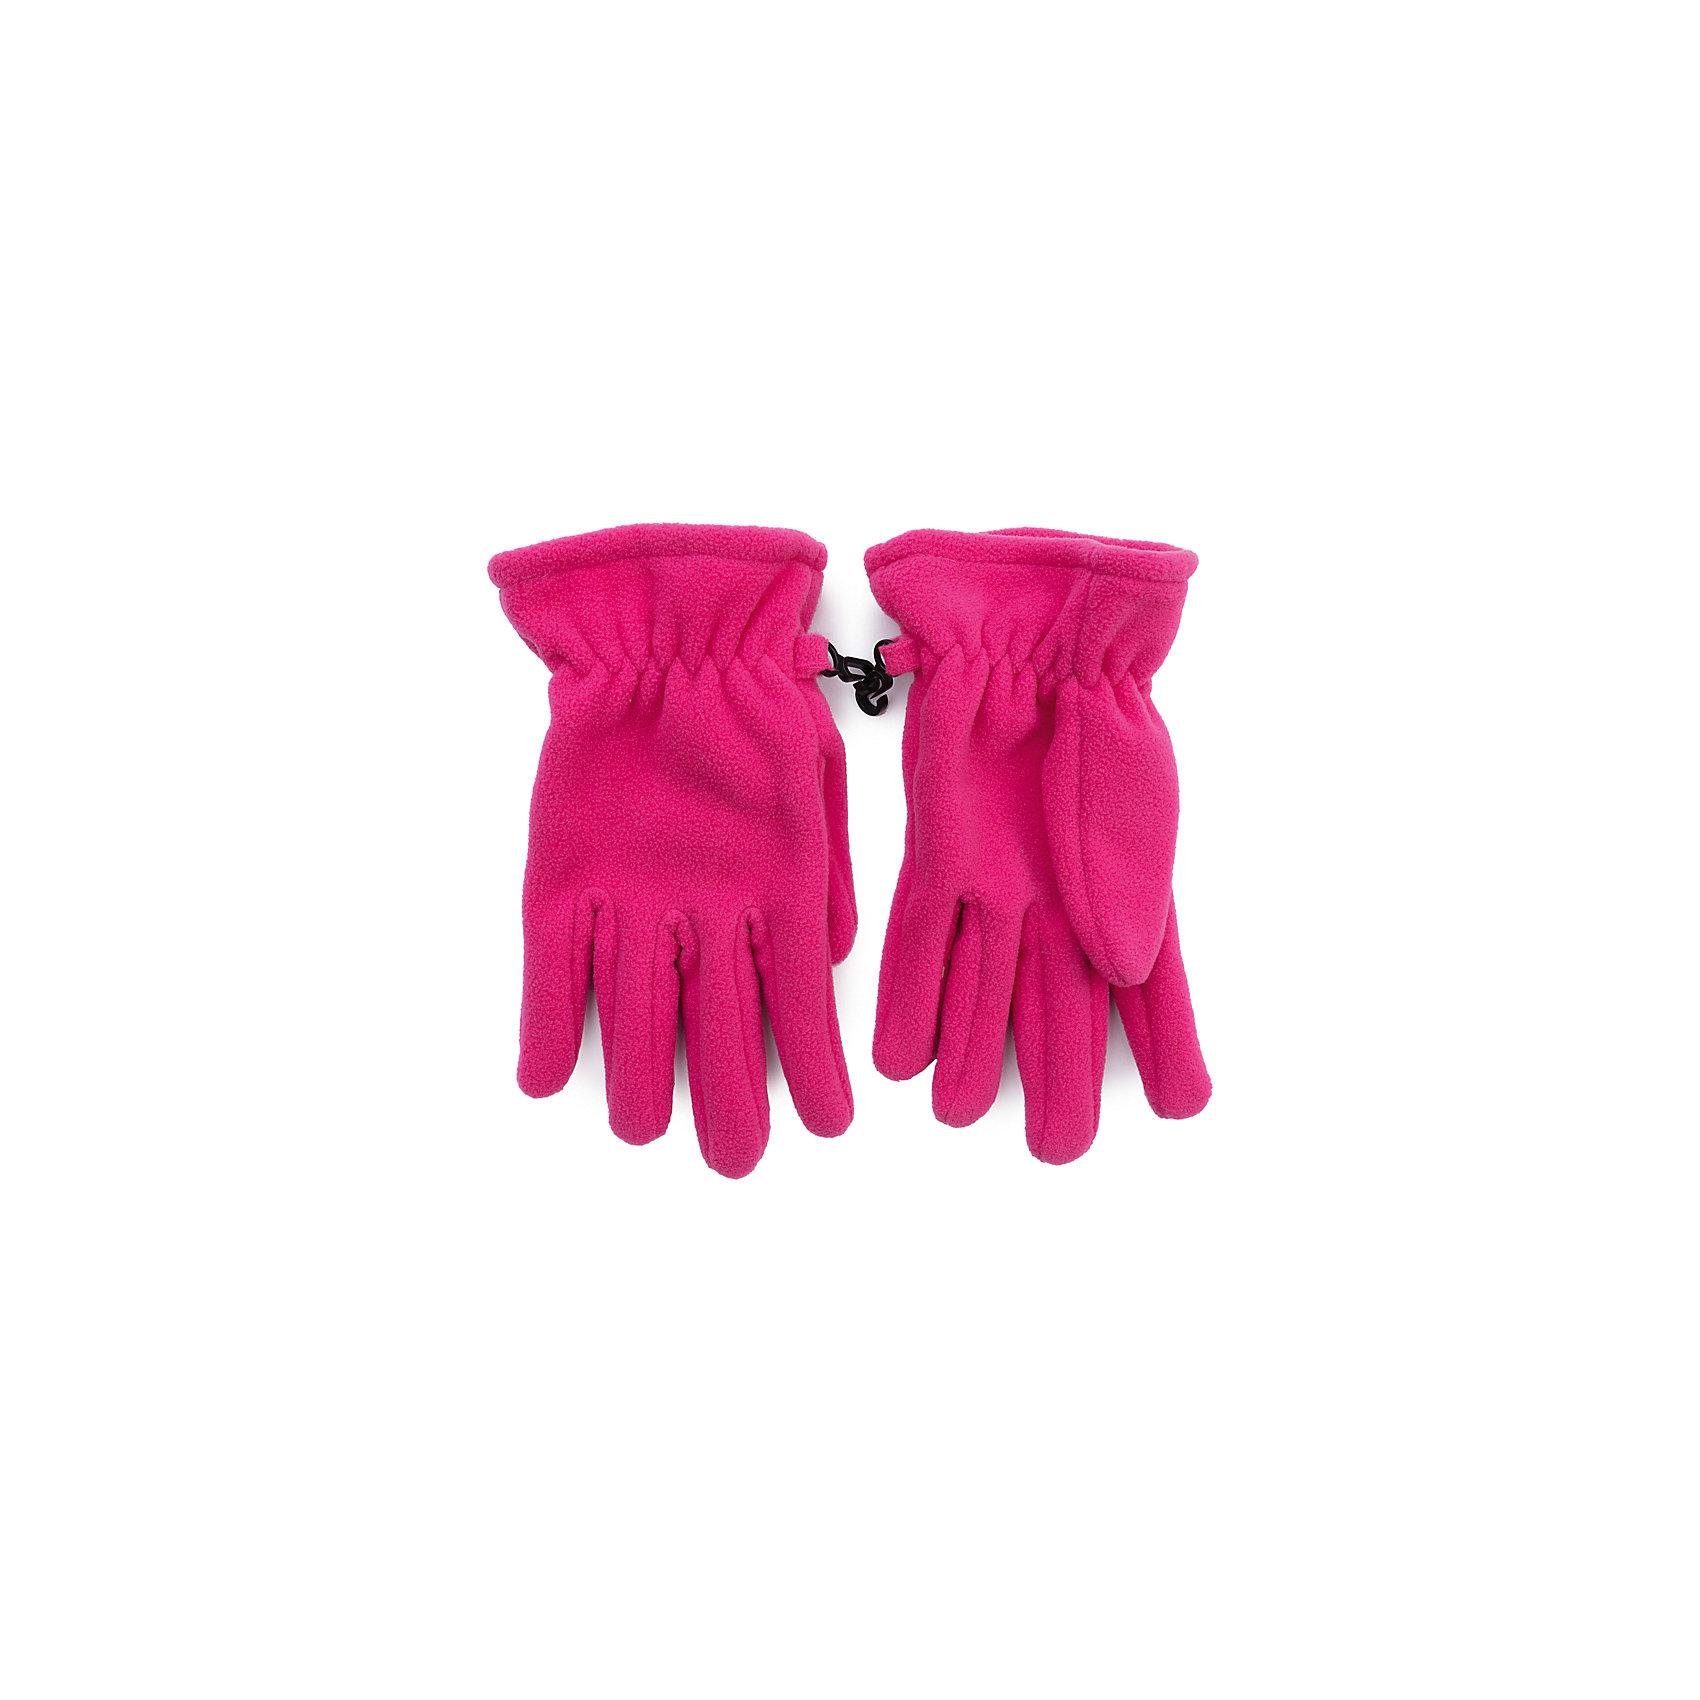 Перчатки PlayToday для девочкиПерчатки, варежки<br>Перчатки PlayToday для девочки<br>Перчатки из теплого флиса - отличное решение для прогулок в холодную погоды. Запястья модели с резинкой для дополнительного сохранения тепла. Перчатки дополнены специальными крючками, при необходимости их можно скрепить между собой или пристегнуть к куртке.<br>Состав:<br>100% полиэстер<br><br>Ширина мм: 162<br>Глубина мм: 171<br>Высота мм: 55<br>Вес г: 119<br>Цвет: розовый<br>Возраст от месяцев: 60<br>Возраст до месяцев: 72<br>Пол: Женский<br>Возраст: Детский<br>Размер: 3,4,2<br>SKU: 7106418